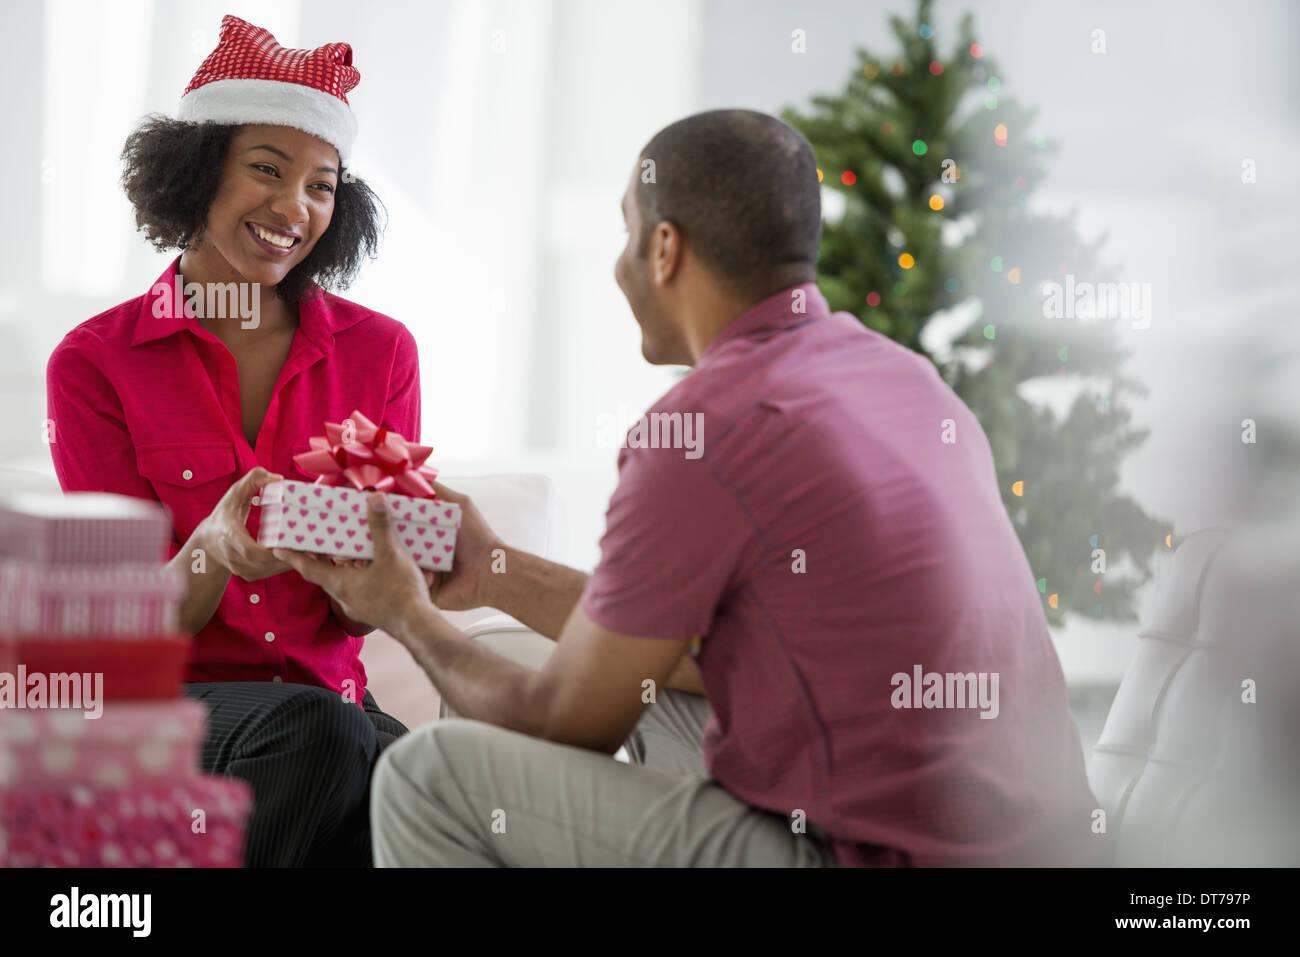 Une femme portant un Père Noël rouge et blanc hat. À la maison. Décoré d'un arbre de Noël. Photo Stock